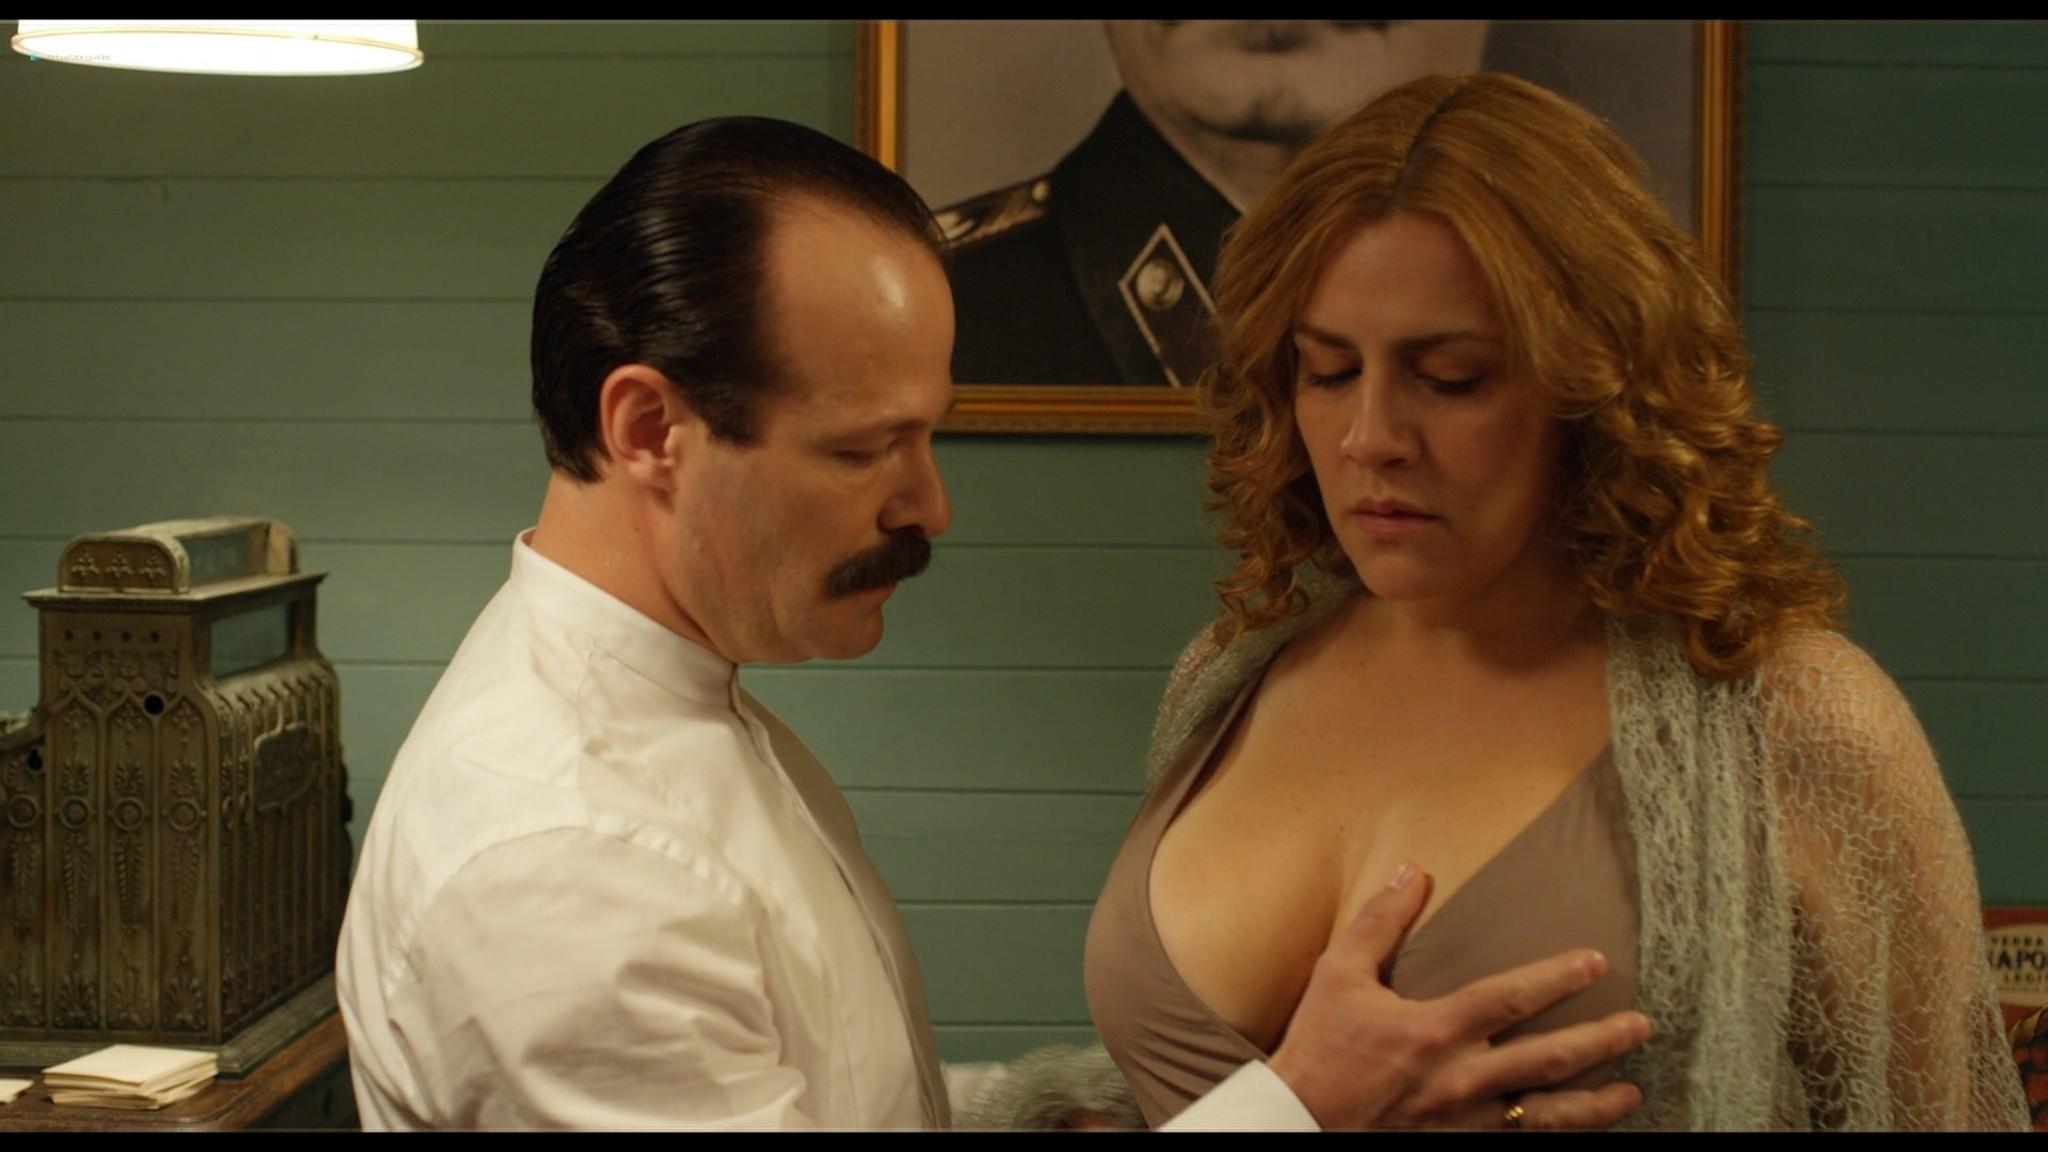 Pamela Flores nude full frontal - La danza de la realidad (2013) HD 1080p BluRay REMUX (17)